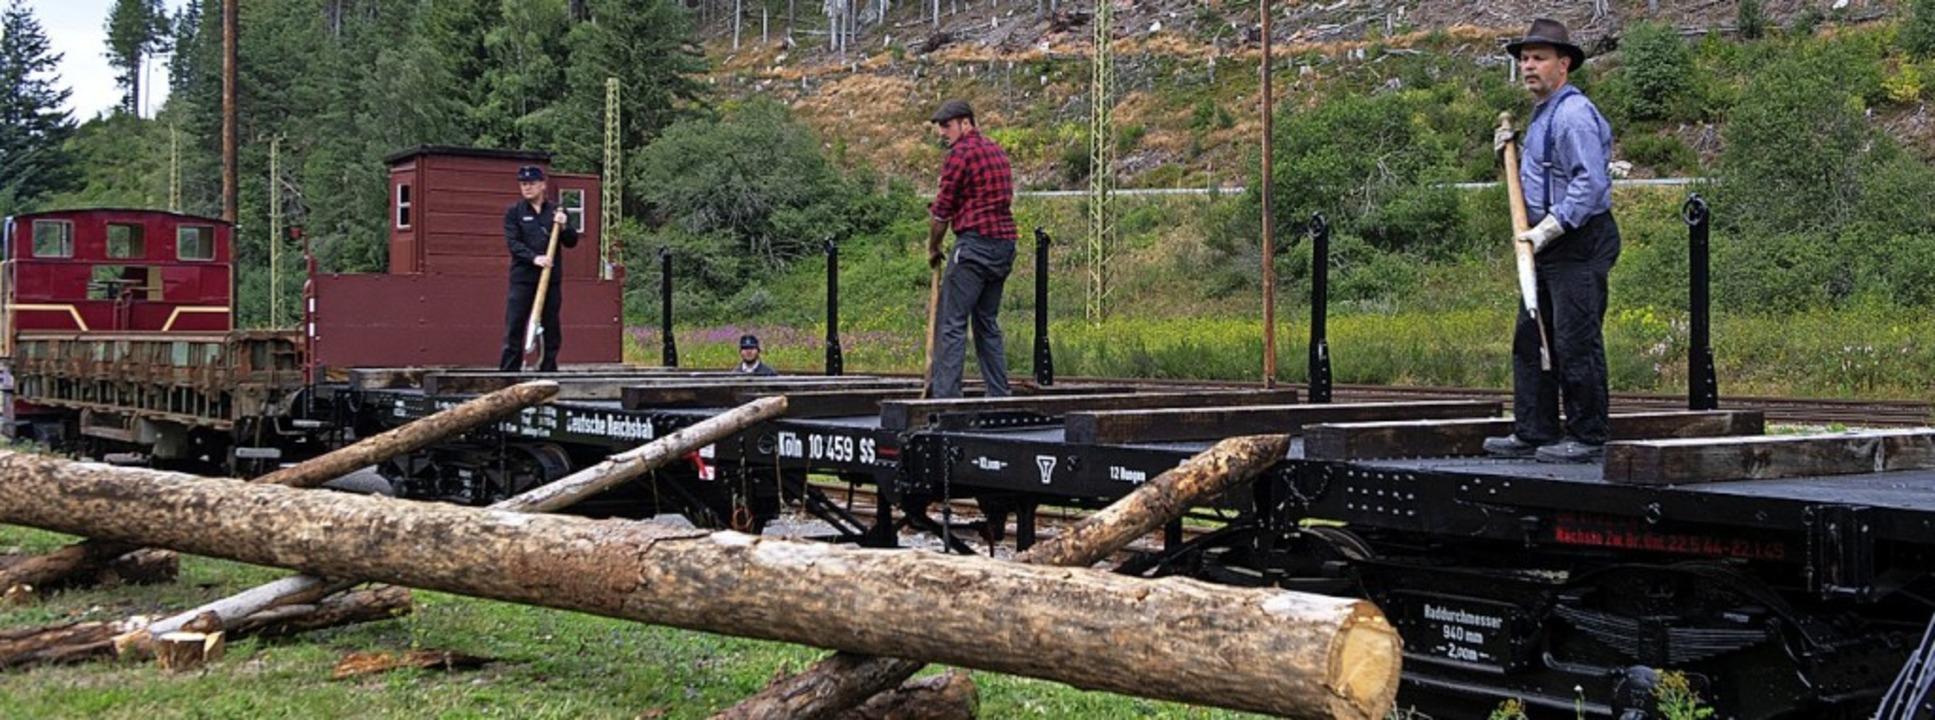 Mit Handarbeit wurde früher das Holz abgeladen.  | Foto: Wolfgang Scheu